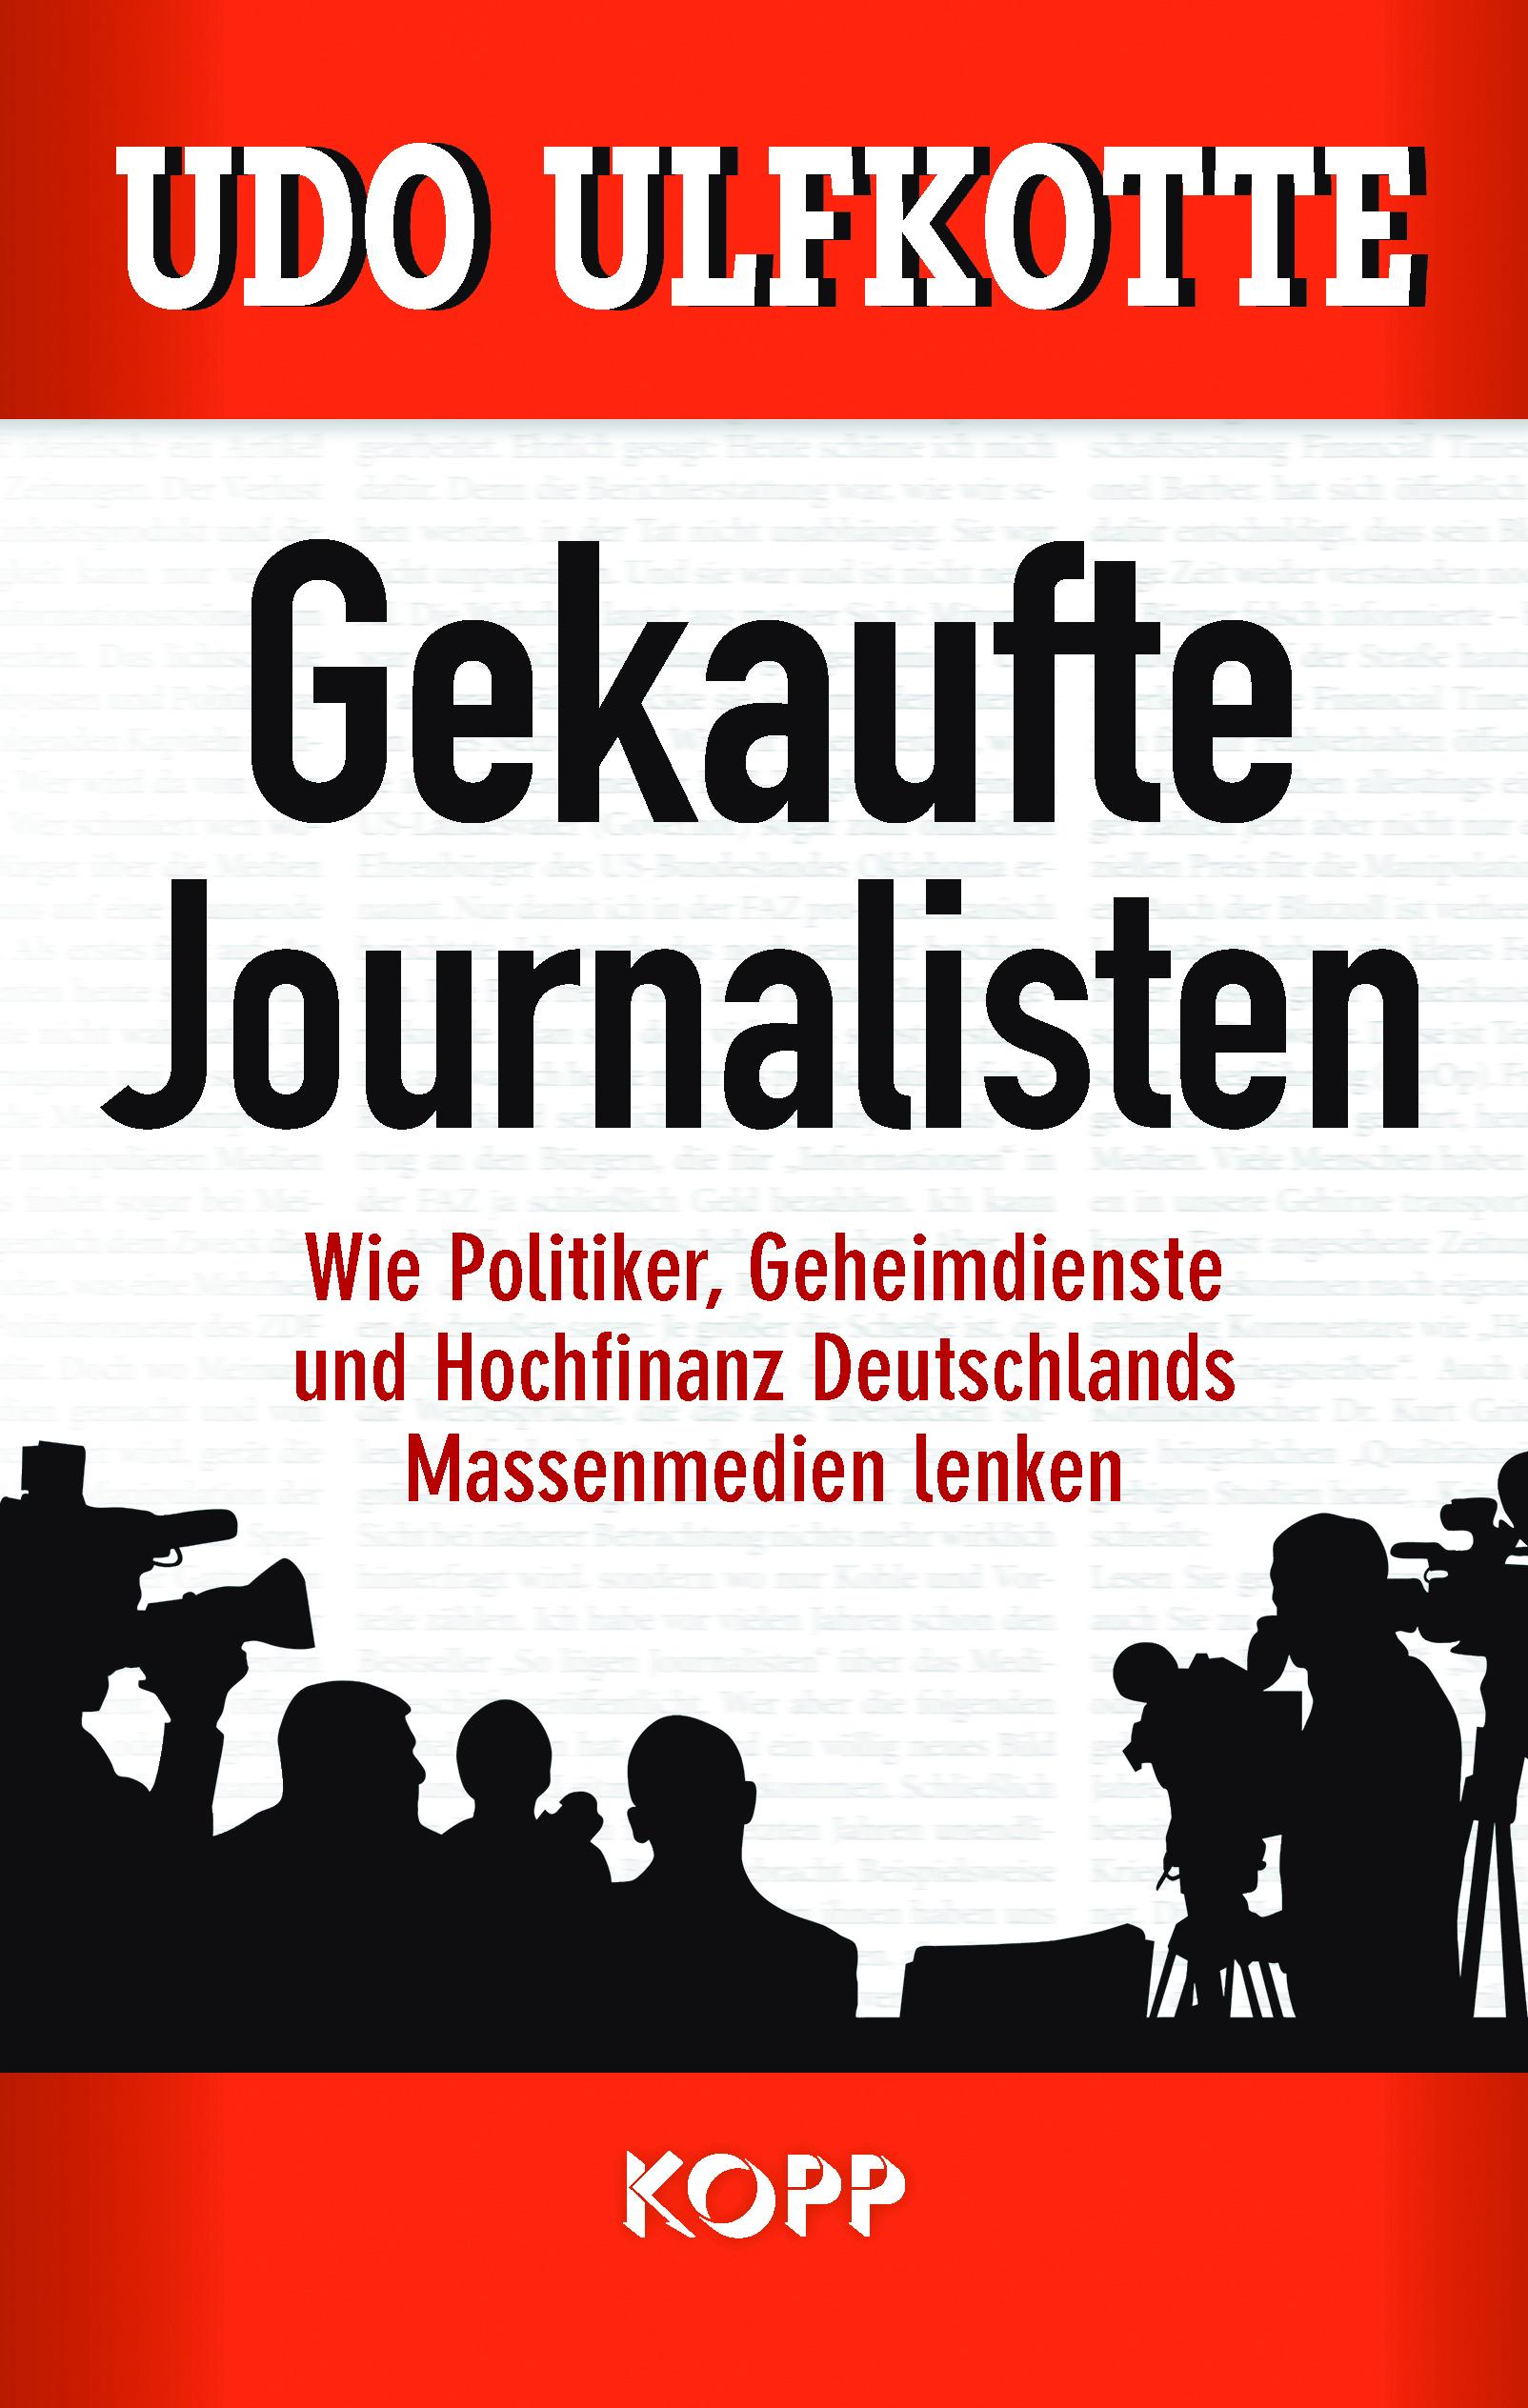 Gekaufte Journalisten / Udo Ulfkotte